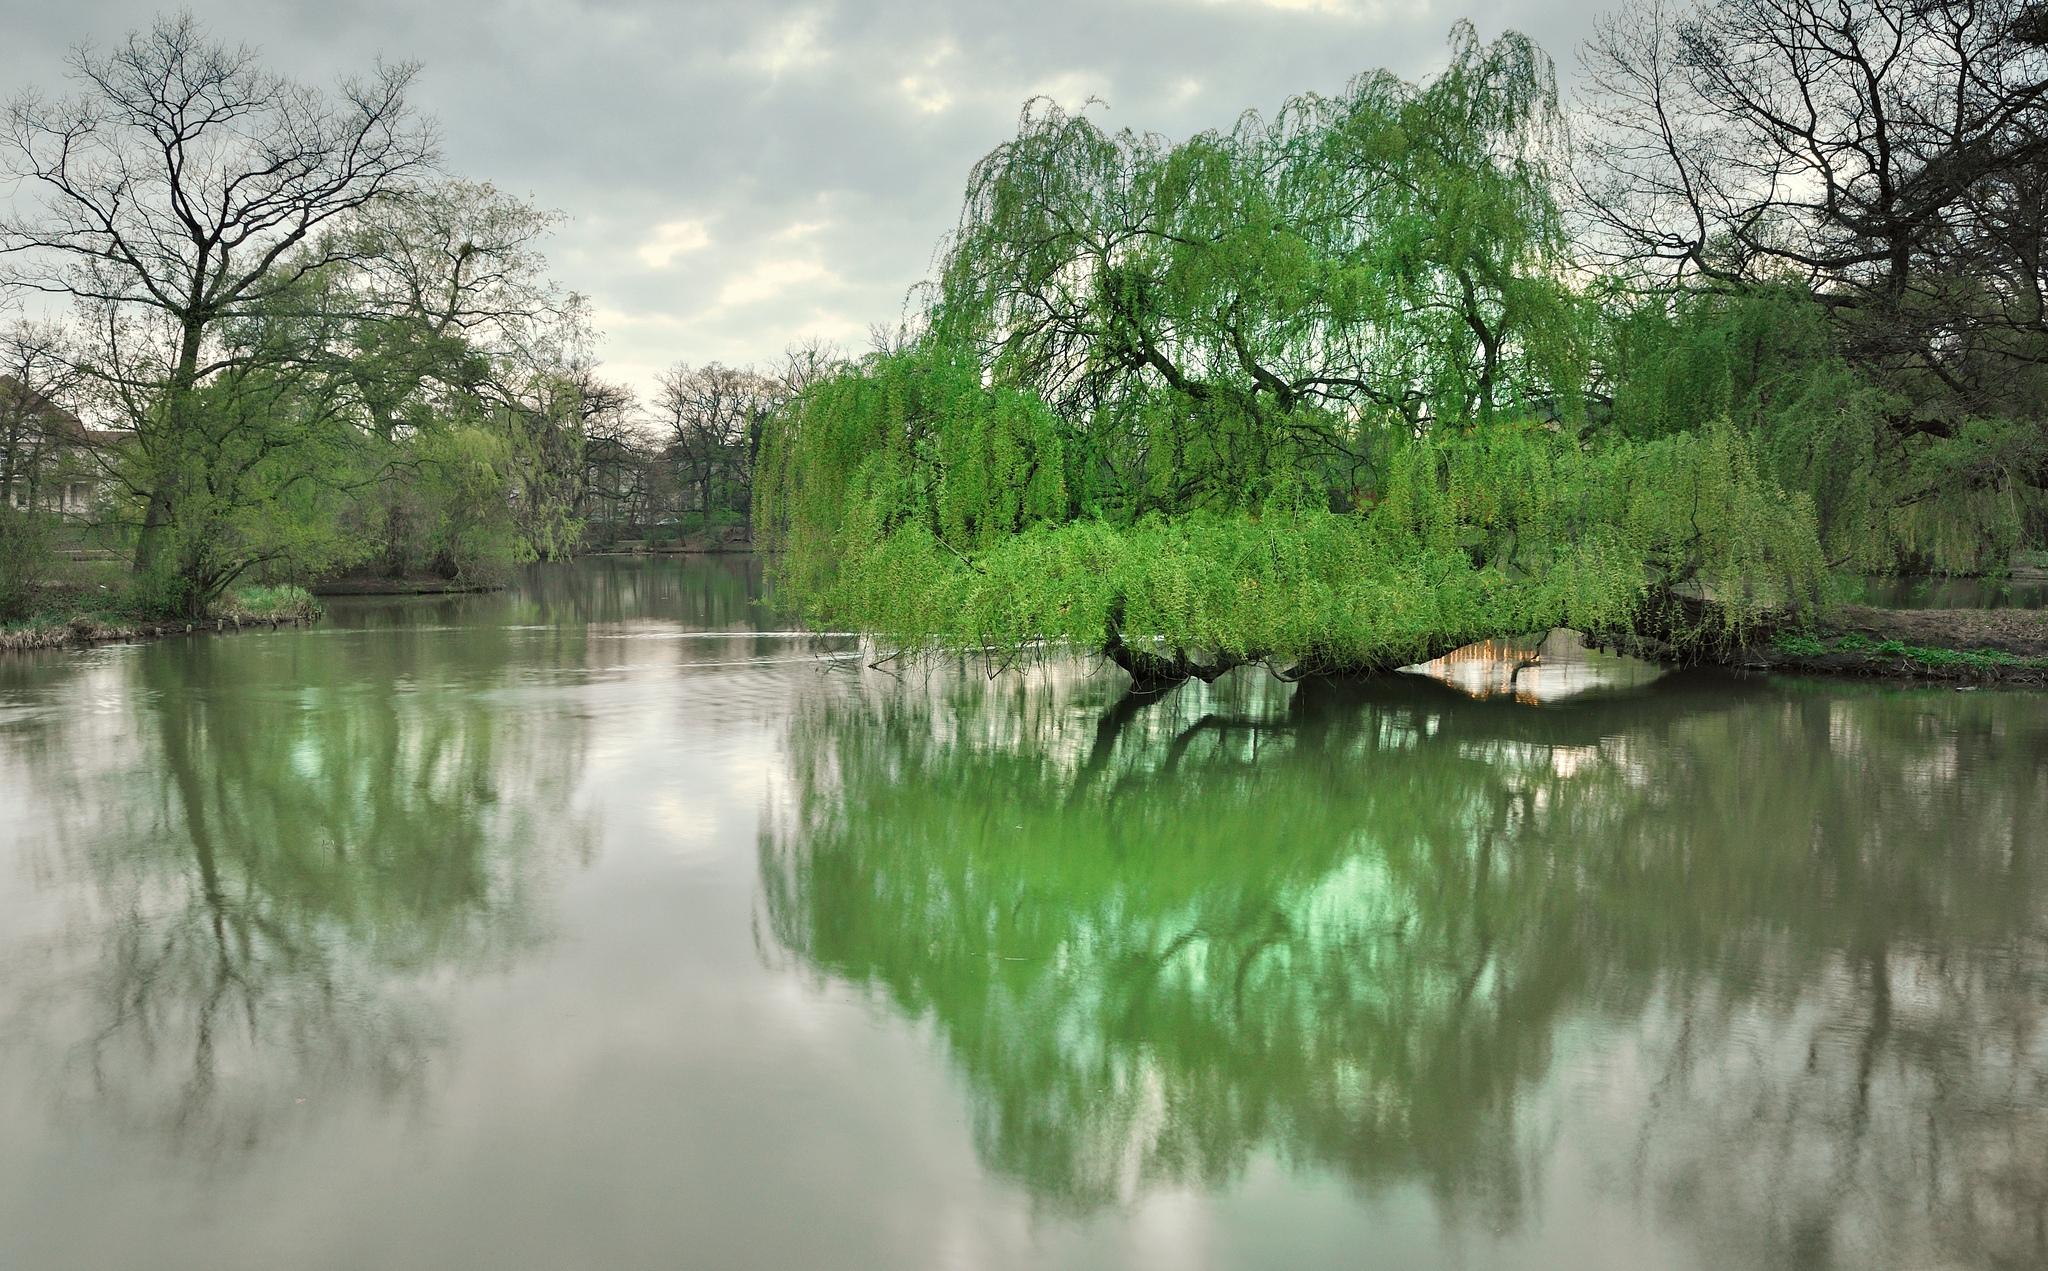 140243壁紙のダウンロード自然, ドレスデン, 公園, 湖, 木, 春-スクリーンセーバーと写真を無料で